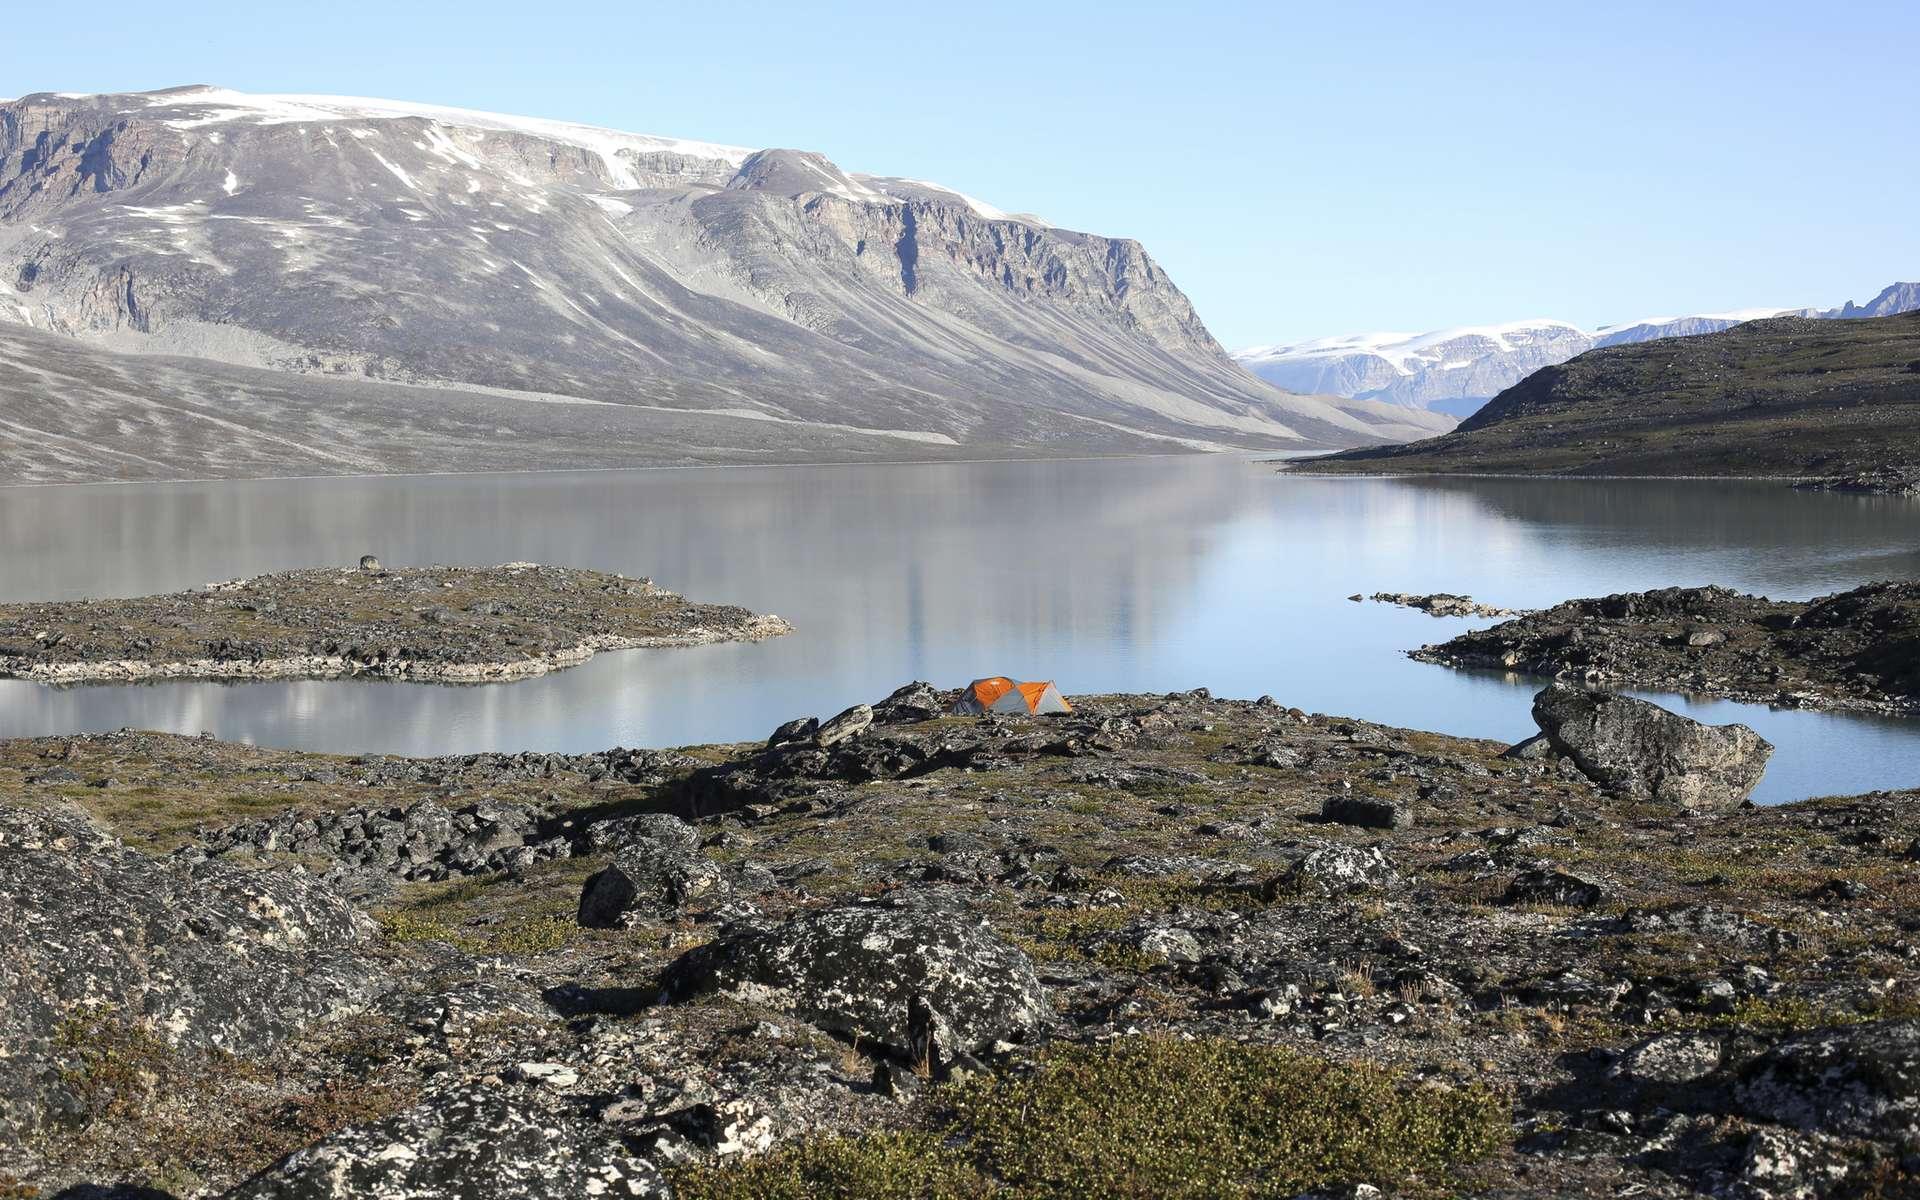 Les scientifiques de l'université de Buffalo (États-Unis) ont parcouru les régions éloignées du Groenland pour collecter des échantillons de roche et de boue du fond des lacs. Ils fournissent des indices sur les marges anciennes de la calotte glaciaire. © Jason Briner, Université de Buffalo